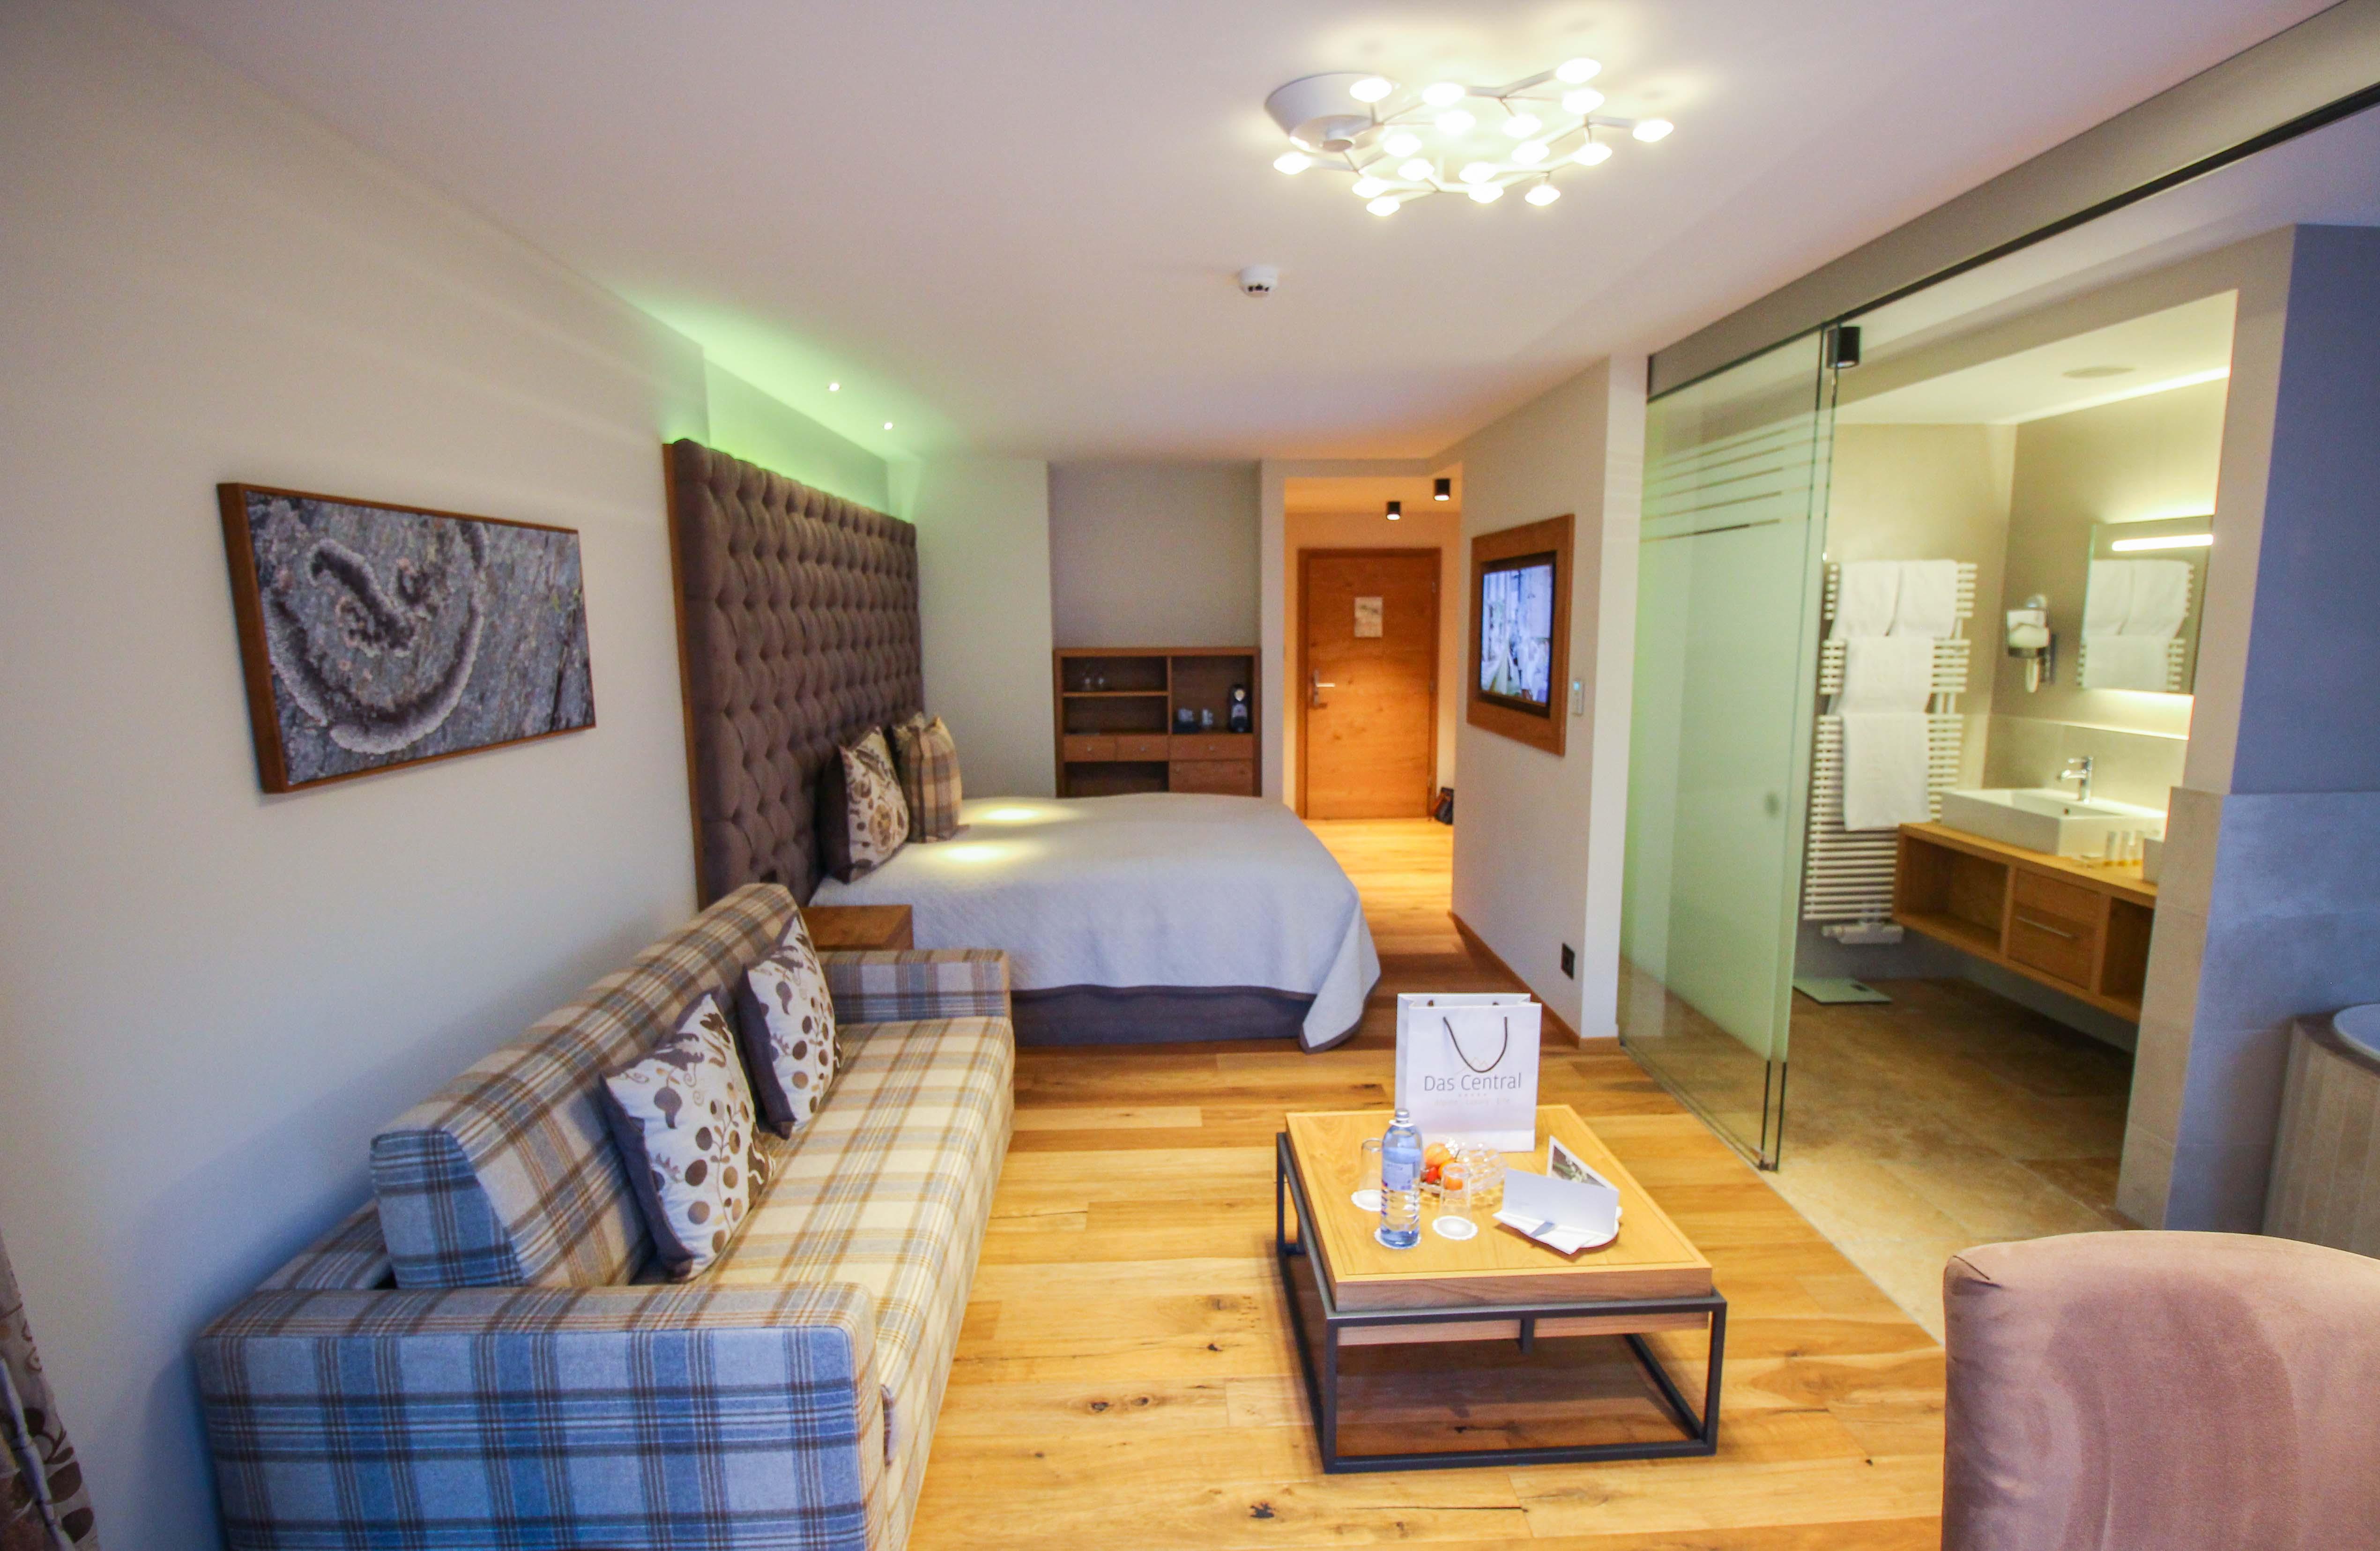 Das Central Sölden 5-Sterne Wellnesshotel Luxushotel Sölden Tirol Österreich Doppelzimmer Reiseblog